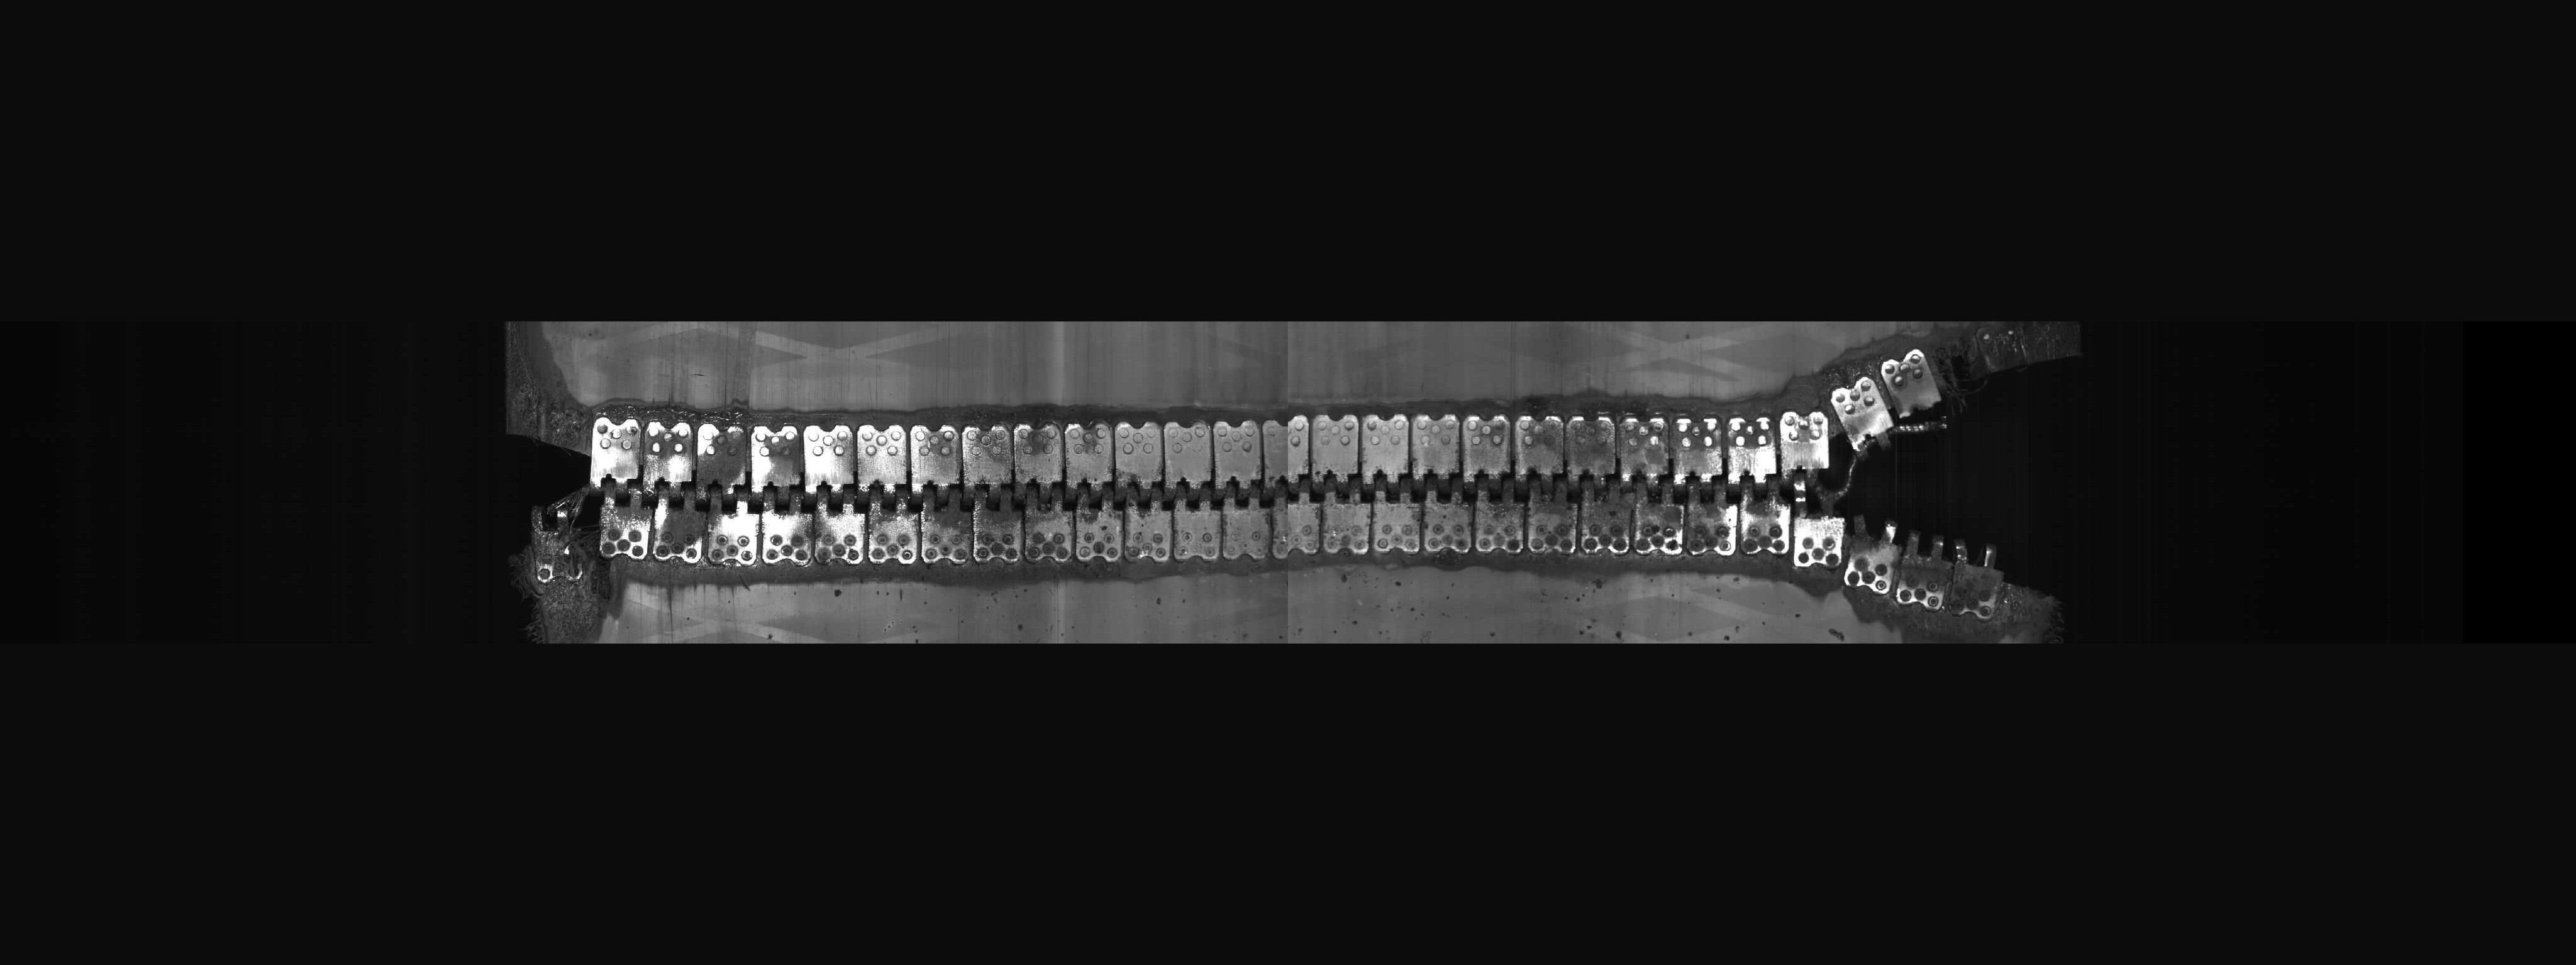 Belt Vision Image